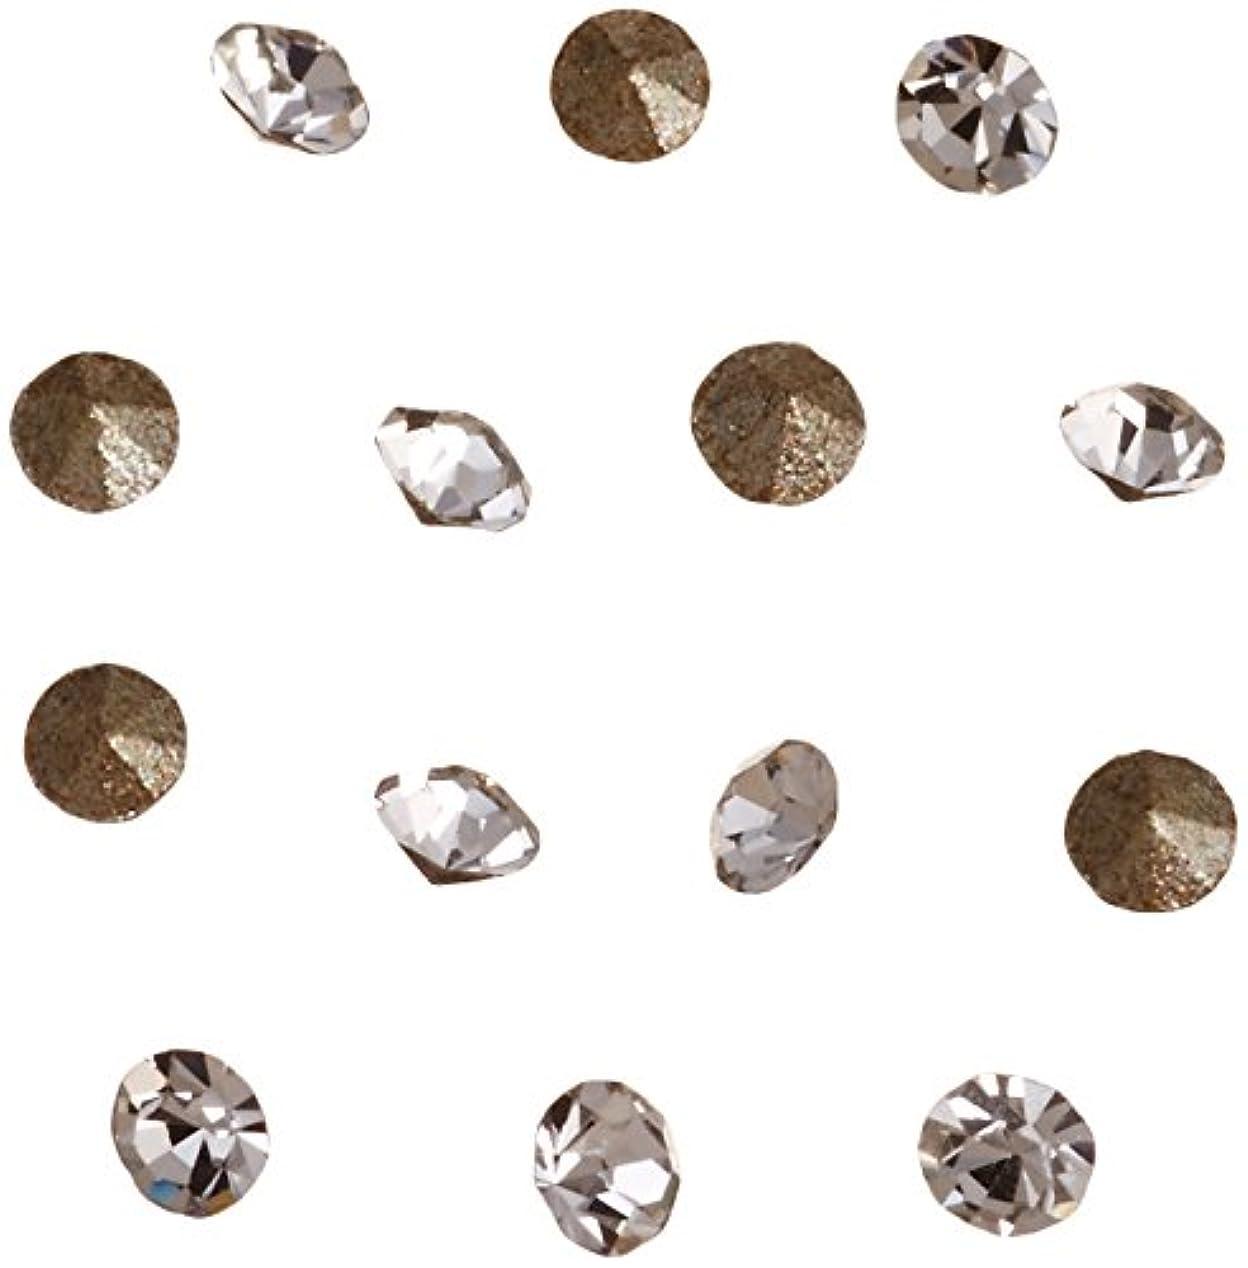 テスト排他的フィッティングネイルアートパーツ Vカットストーン クリスタル PP 4   約1.1~1.2mm 埋込式ラインストーン